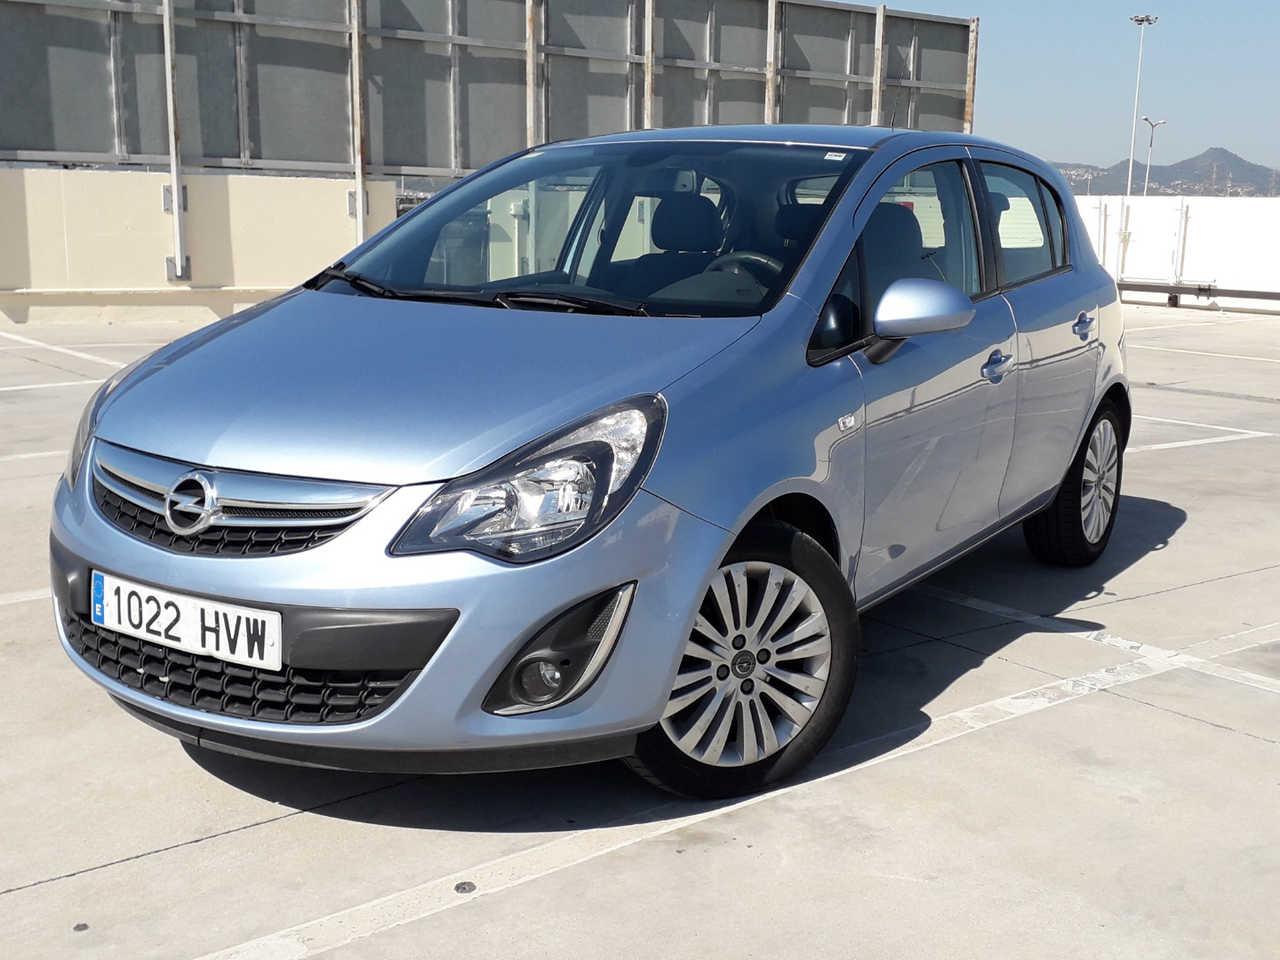 Opel Corsa 1.2 selective automatico 85cv adaptado a personas con movilidad reducida  - Foto 1